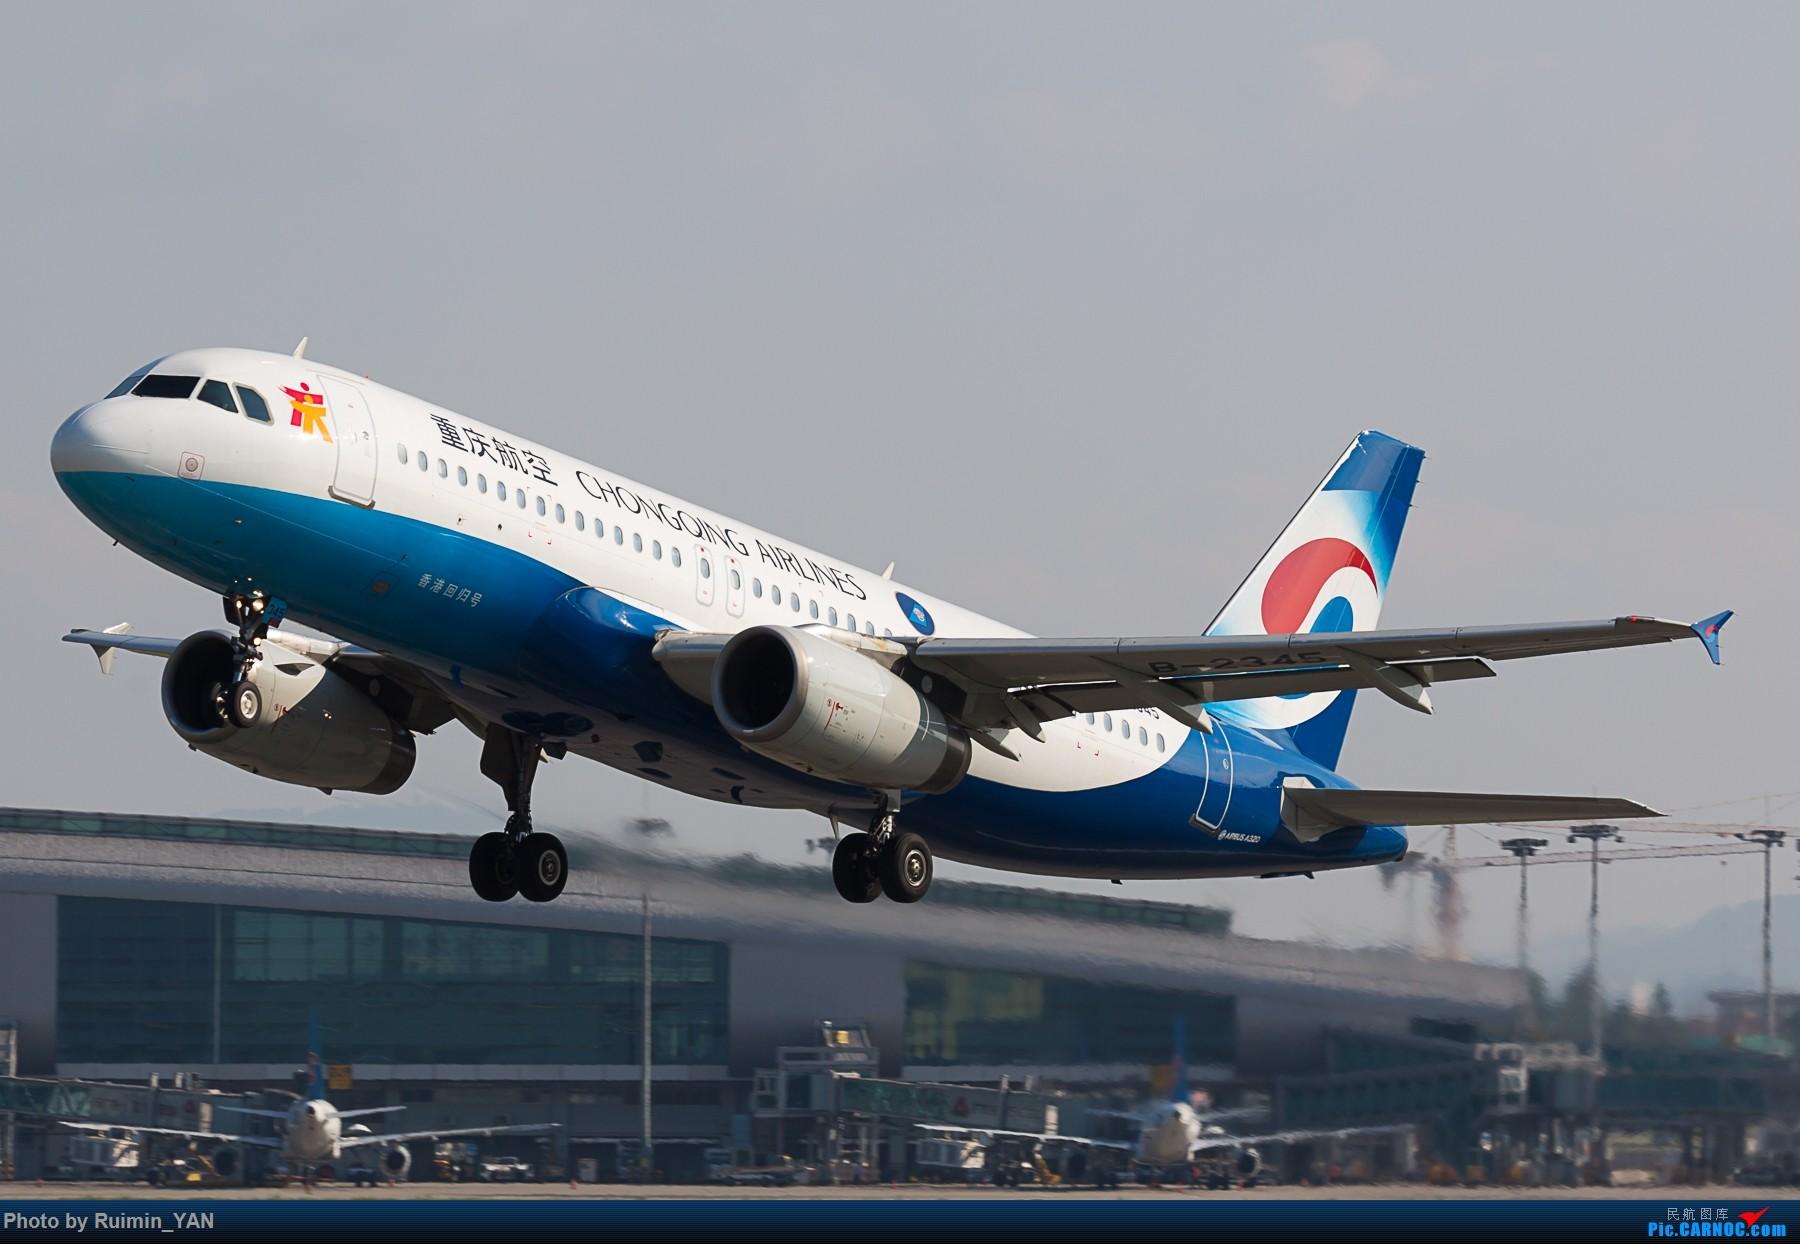 【CAN】【彩绘】重庆航空(OQ) 香港回归号 B-2345 A320 AIRBUS A320-200 B-2345 中国广州白云国际机场